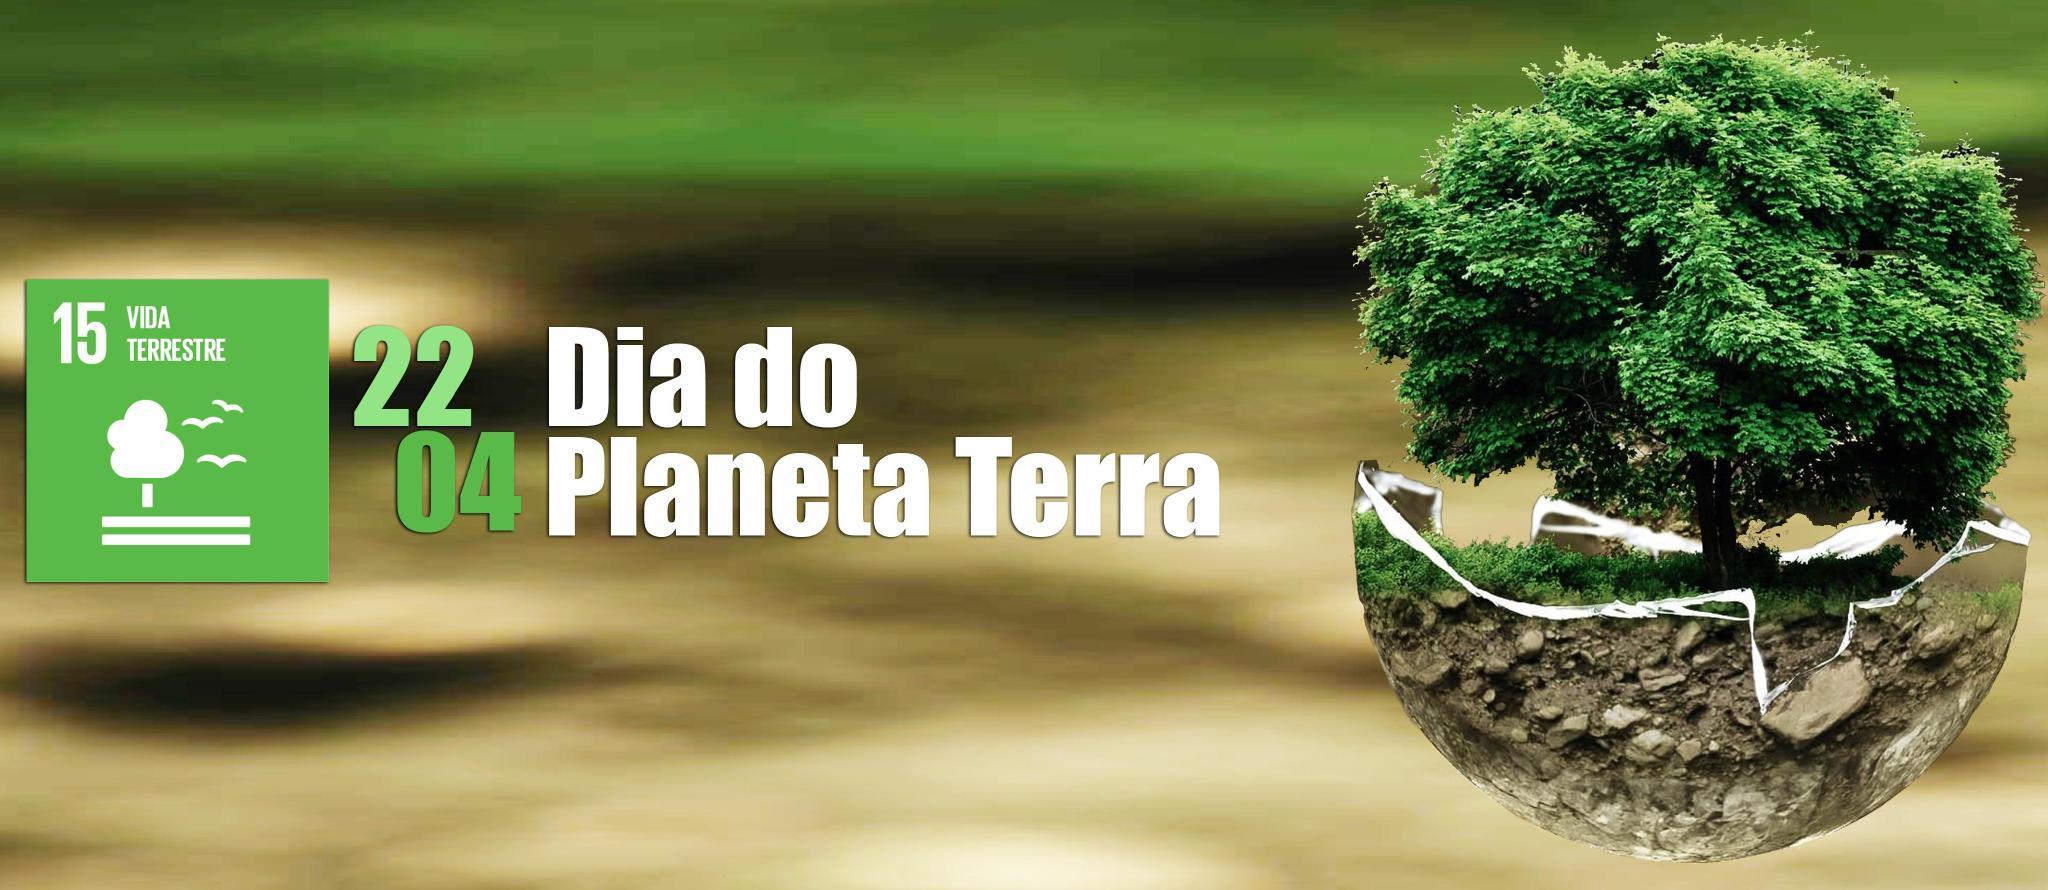 Dia do Planeta Terra - ODS 15